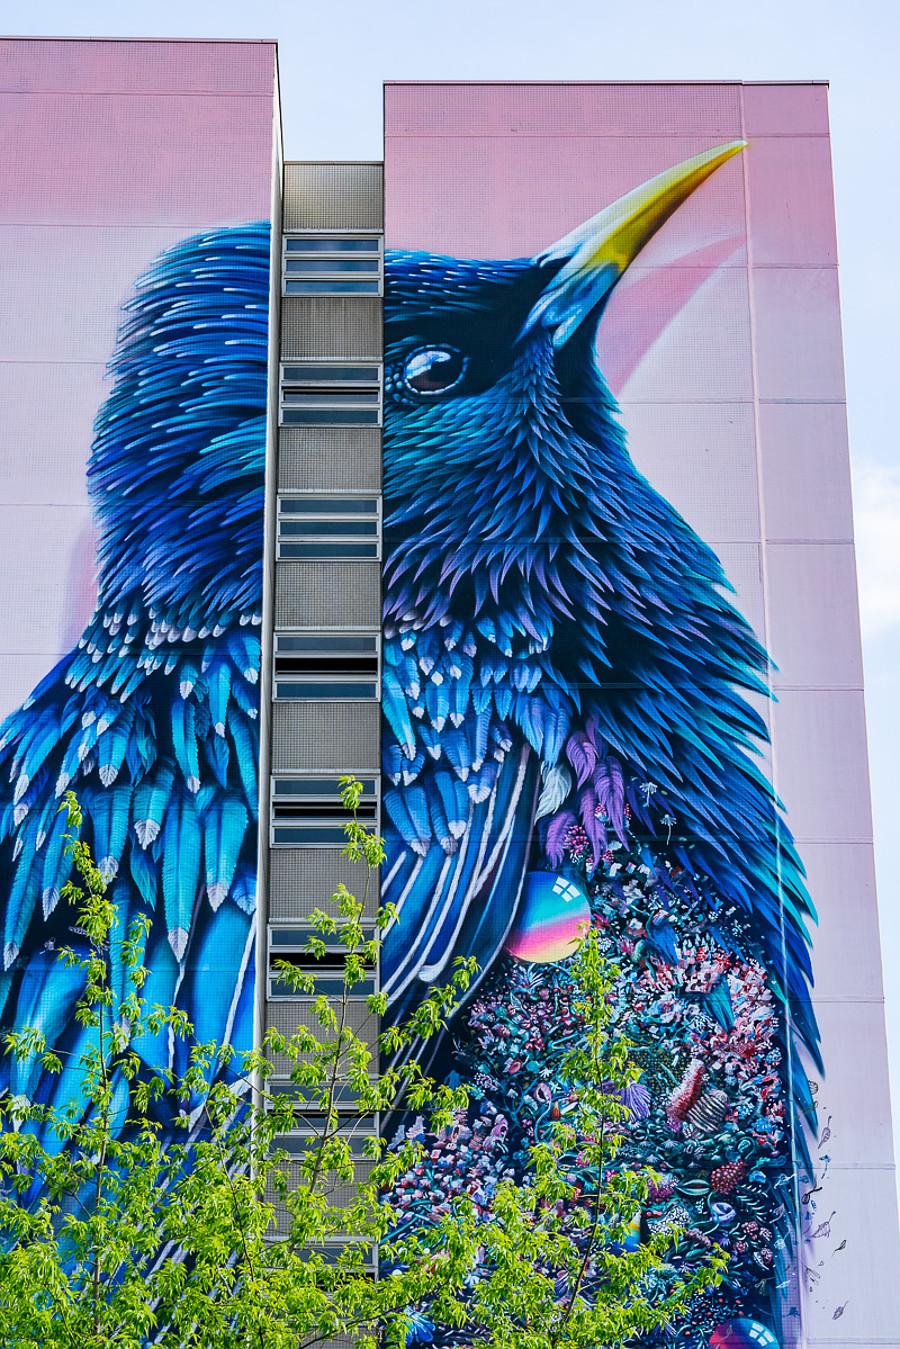 street-art-berlino-murale-gigante-uccello-super-a-collins-van-der-sluijs-3